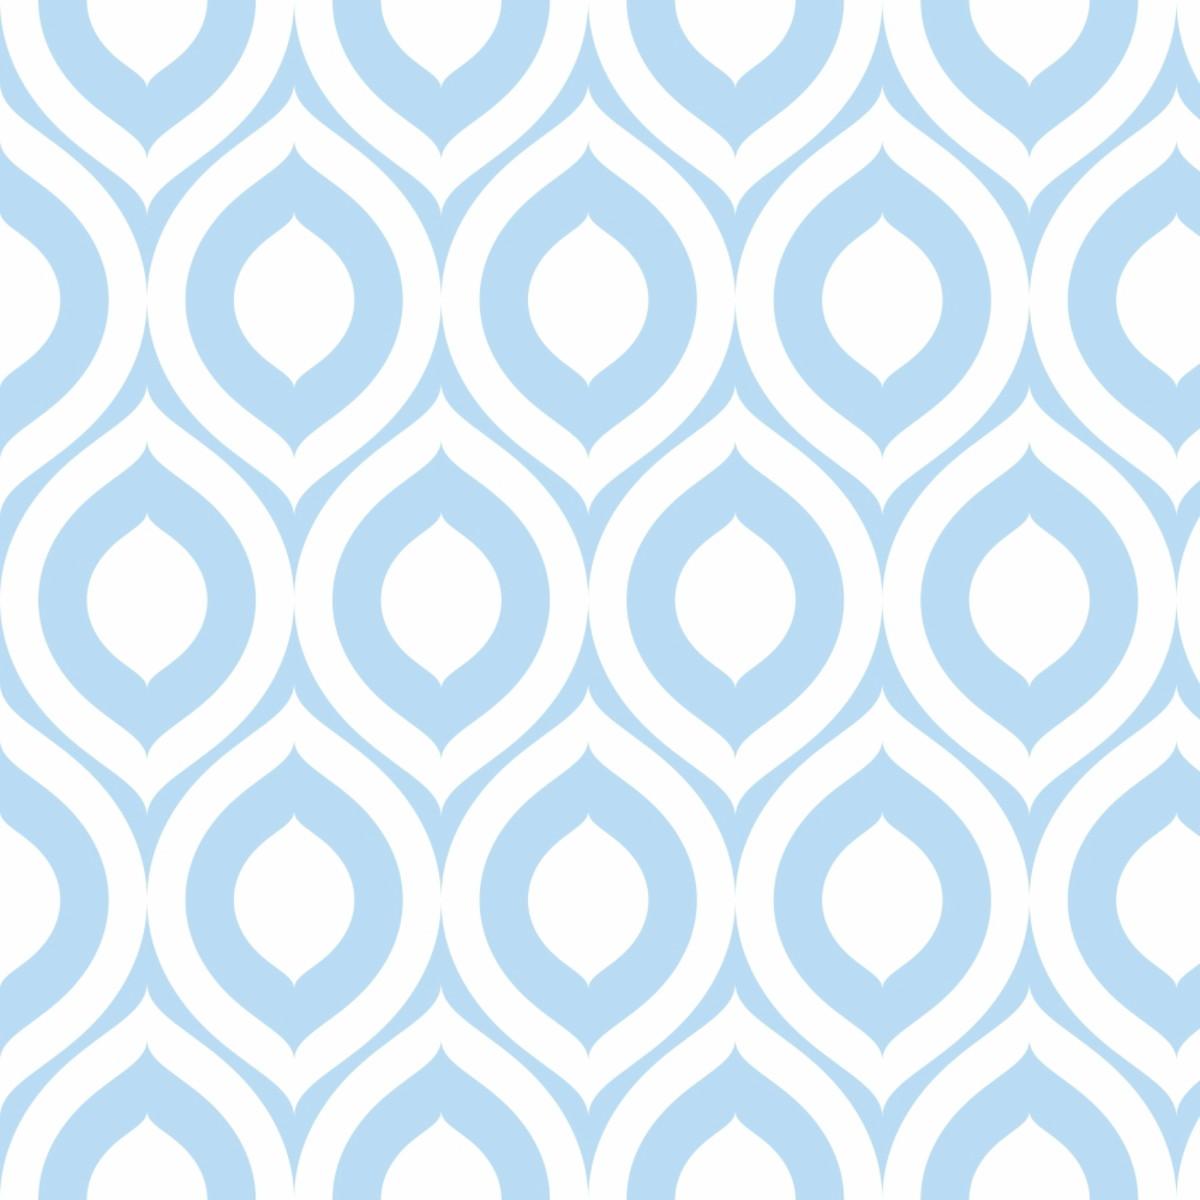 Papel De Parede Geometrico Azul Moderno Adesivo 10m Ppg287